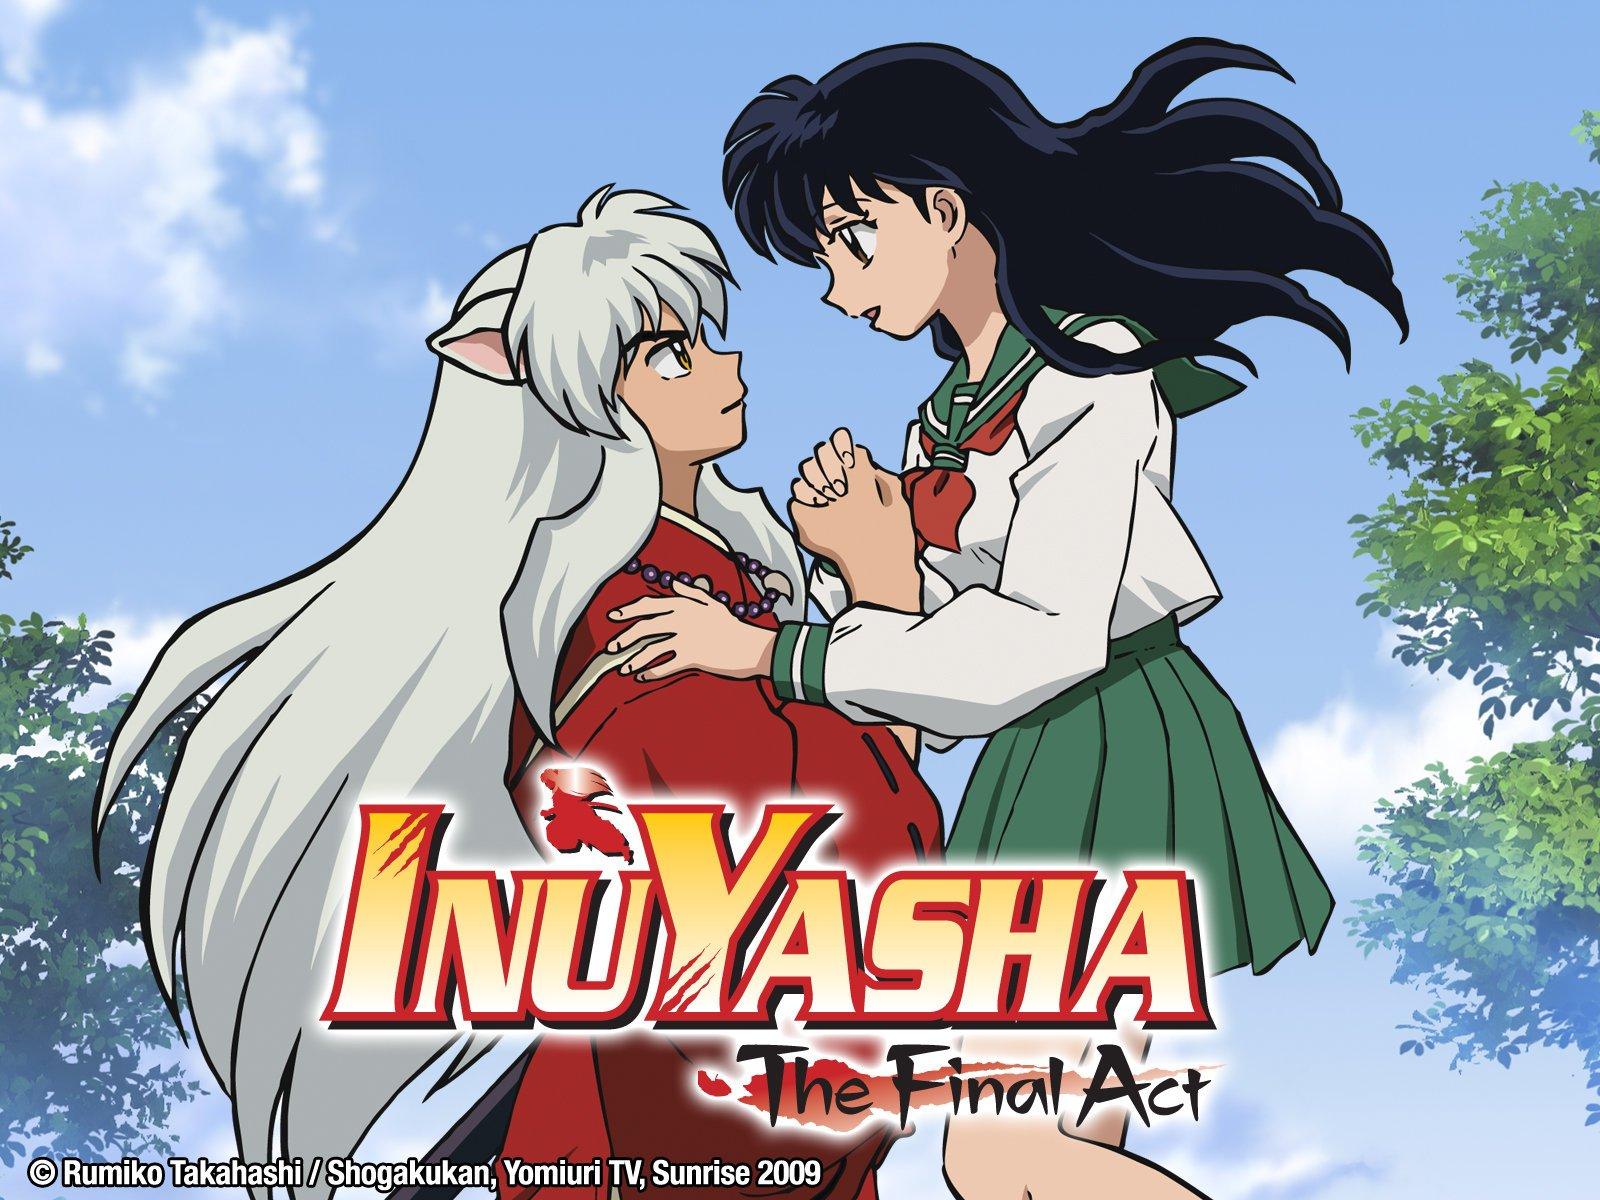 Inuyasha: The Final Act - InuYasha: Kanketsu-hen